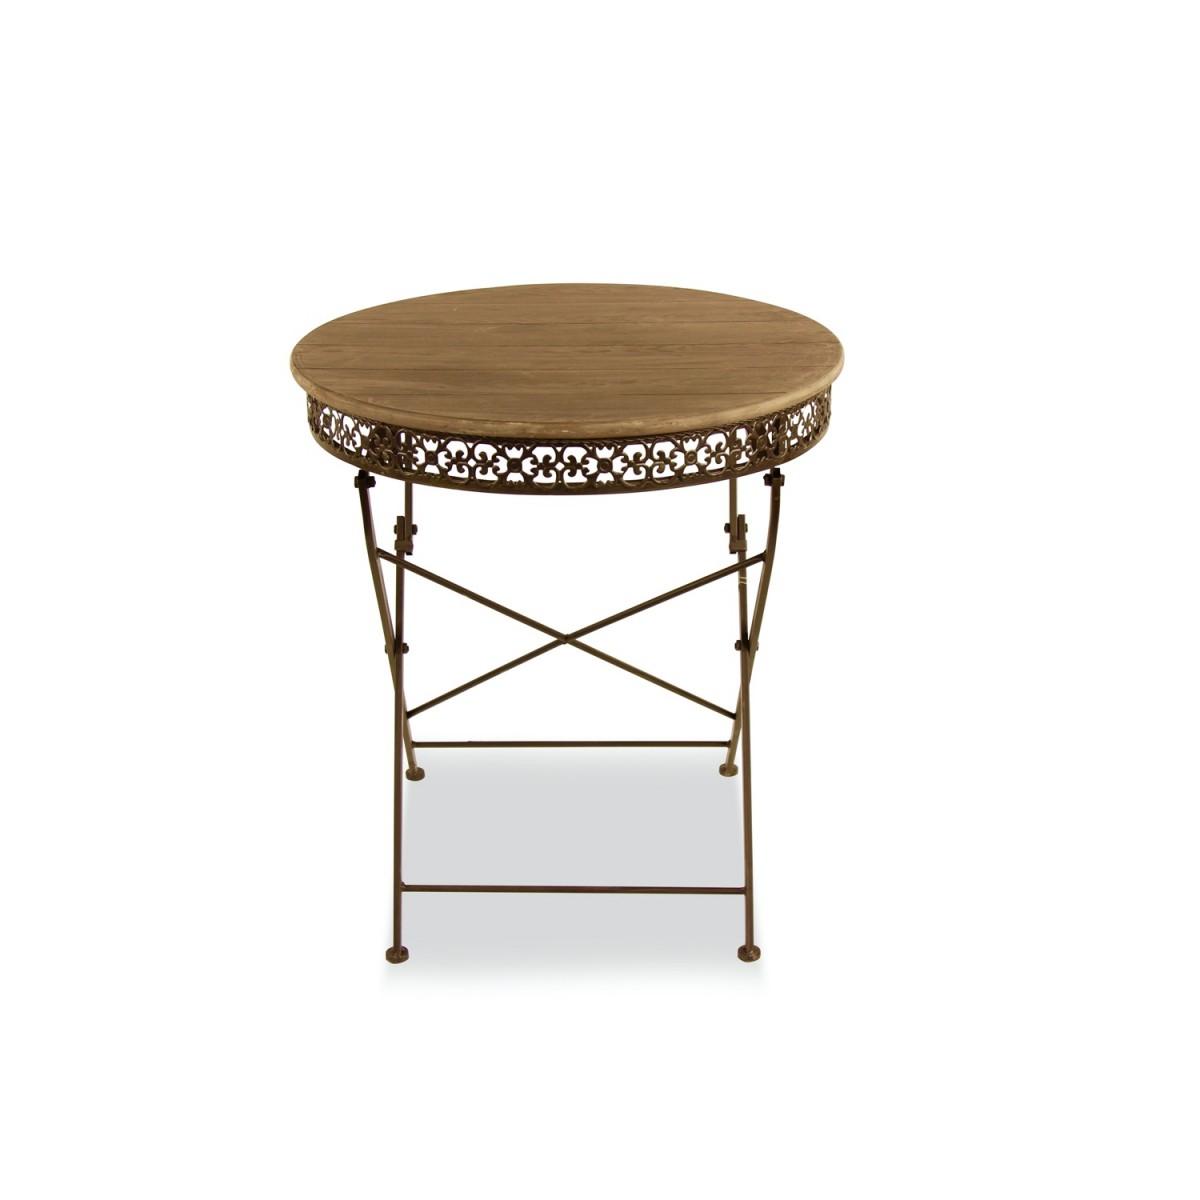 table ronde bois fer forge marron 71 5x71 5x78 5cm